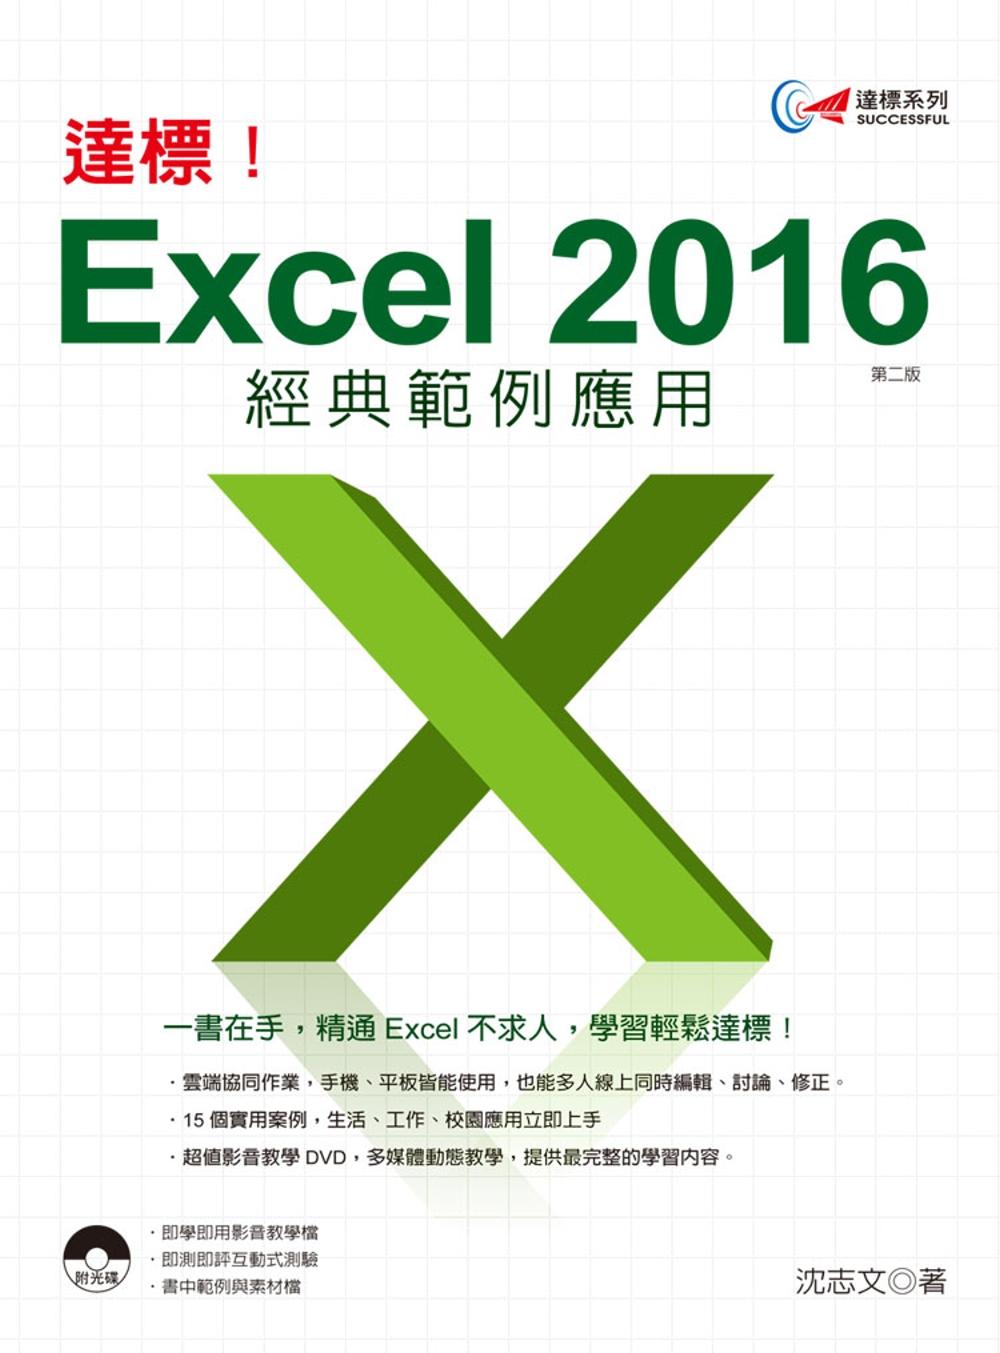 達標!Excel 2016 經典範例應用 (第二版)